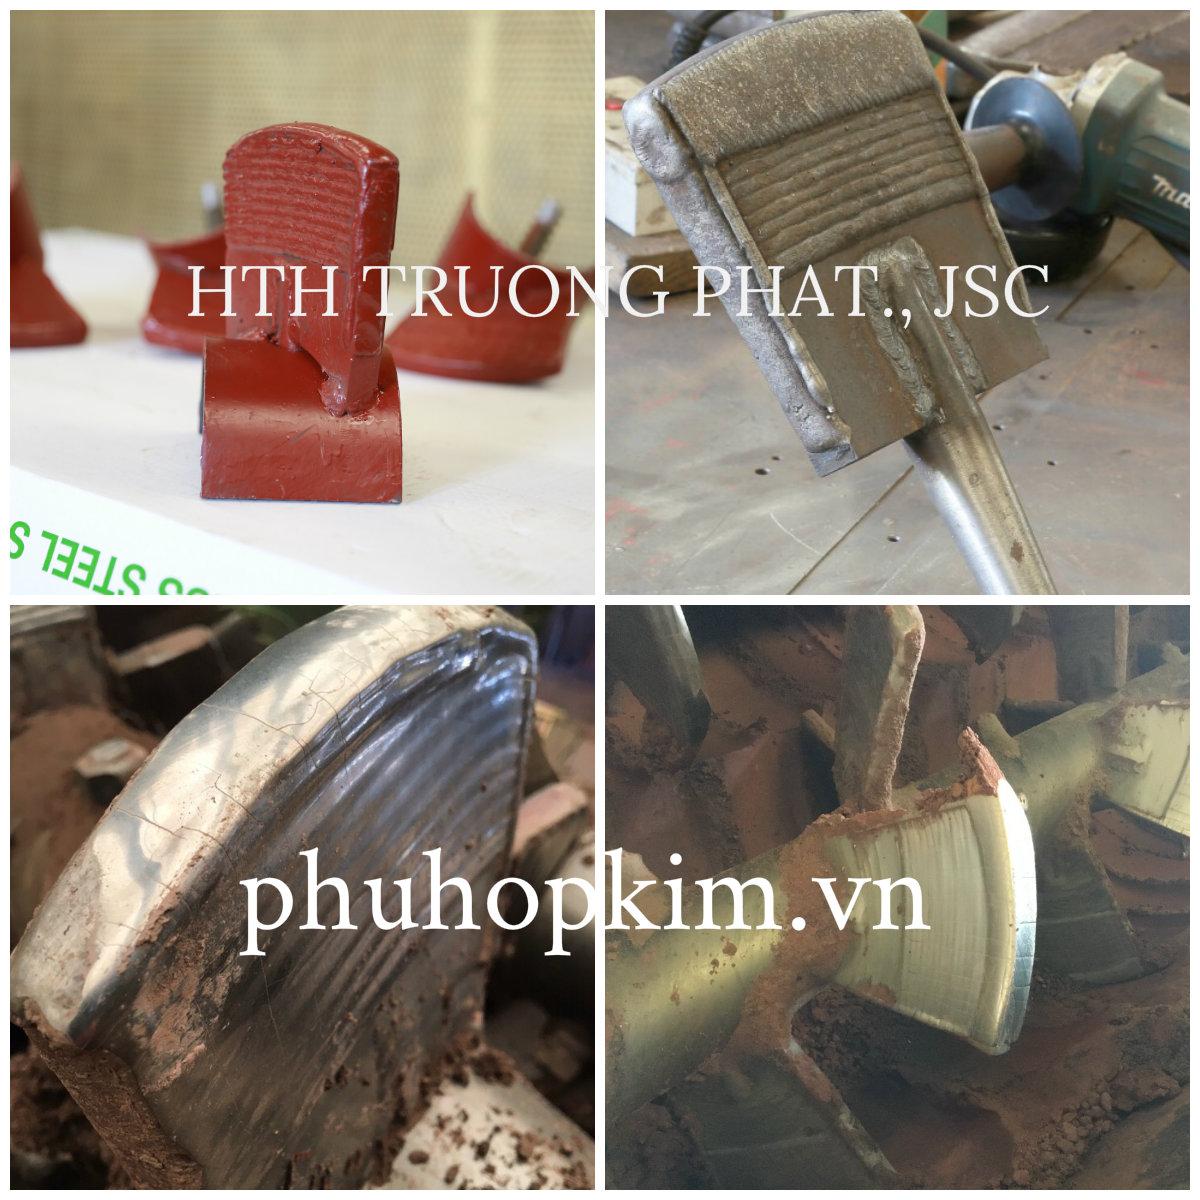 Ứng dụng công nghệ phủ hợp kim vào ngành sản xuất vật liệu xây dựng, sản xuất gốm sứ